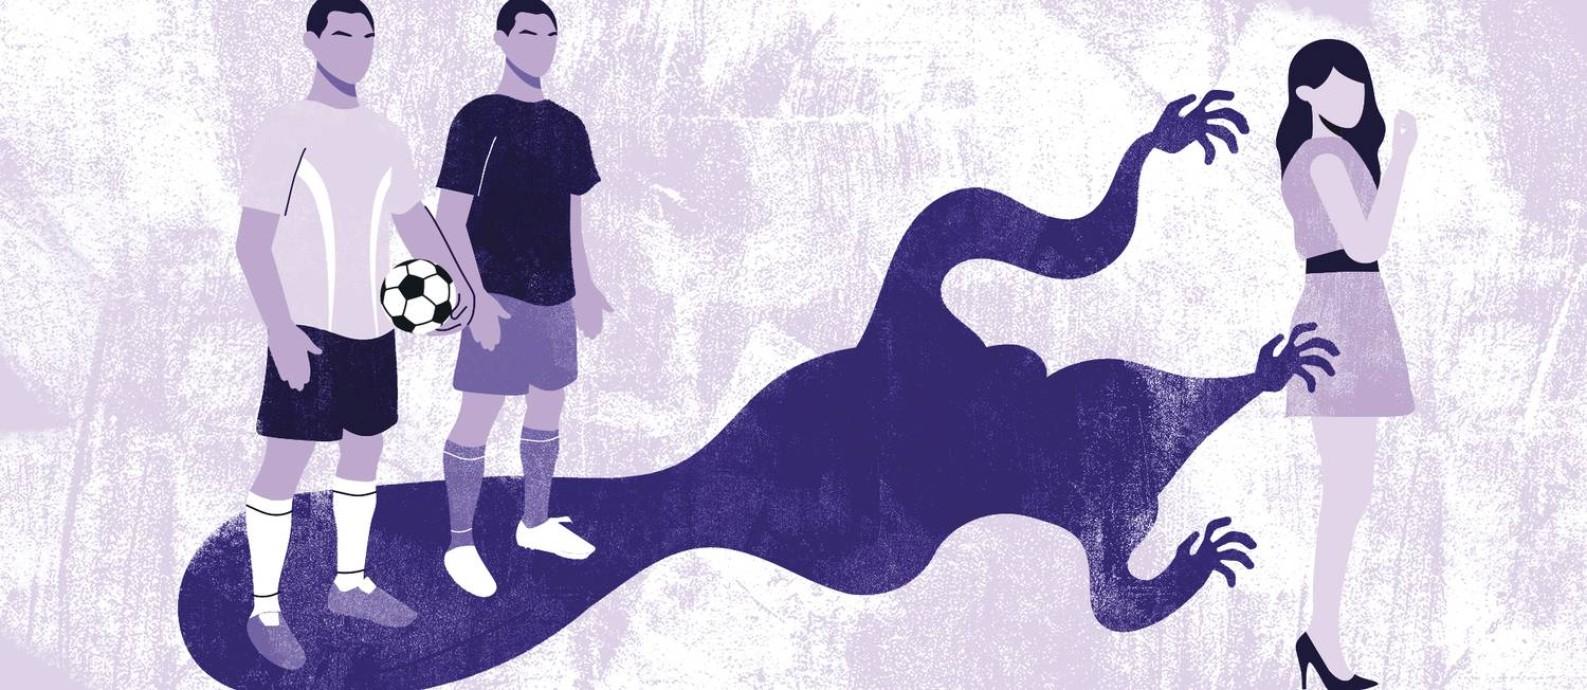 Casos de jogadores de futebol acusados de estupro são recorrentes Foto: Ana Costa